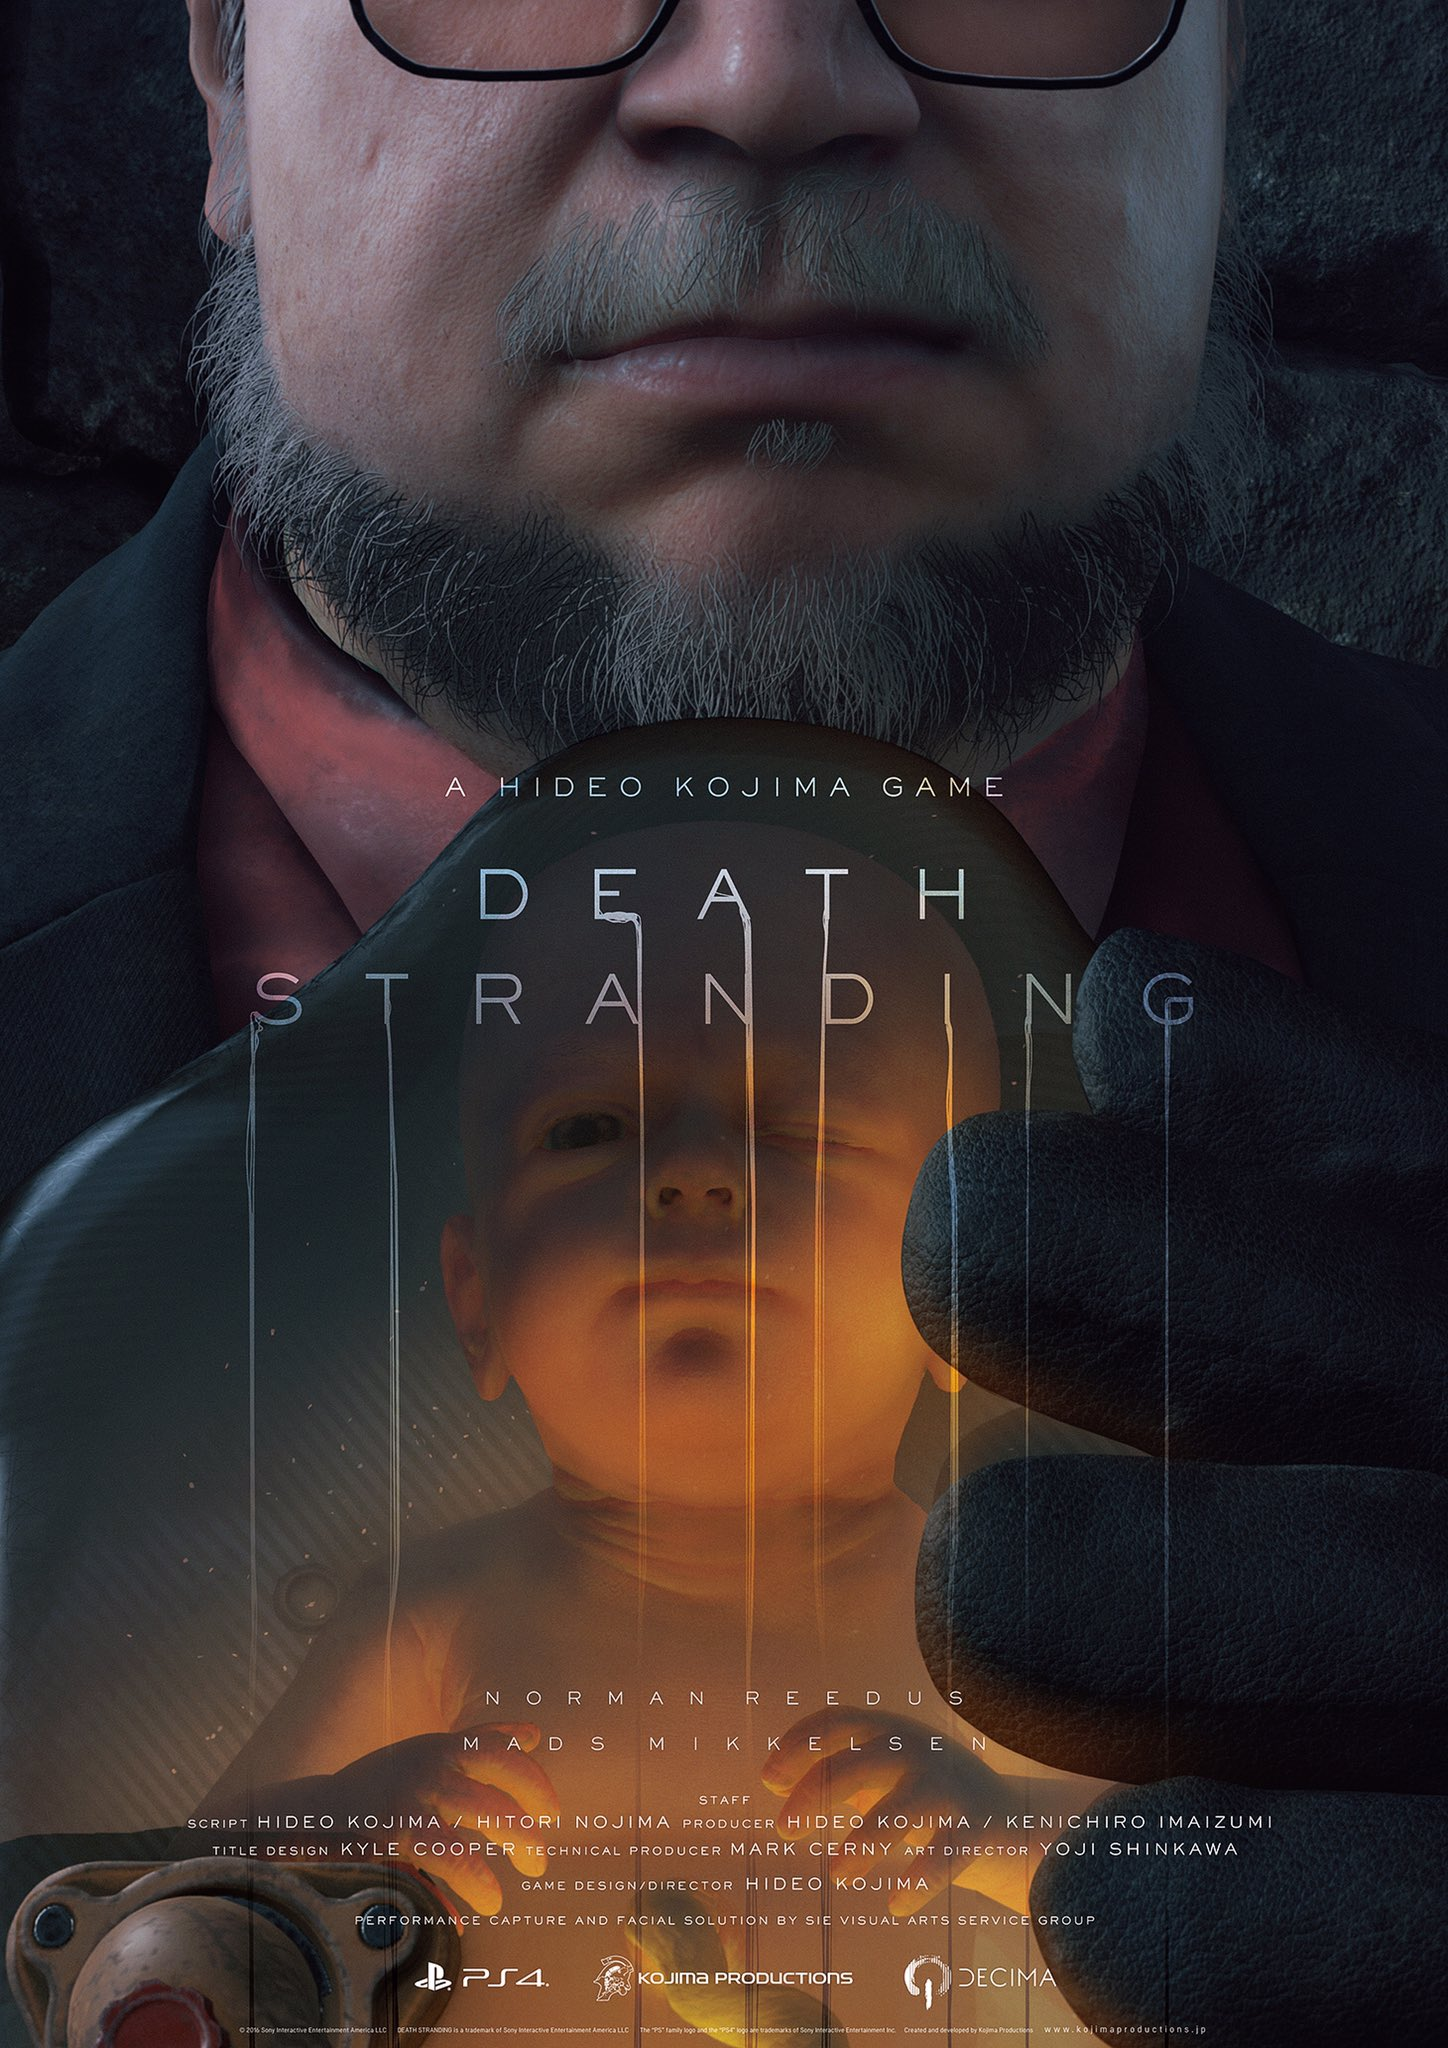 deathstranding_2.jpg